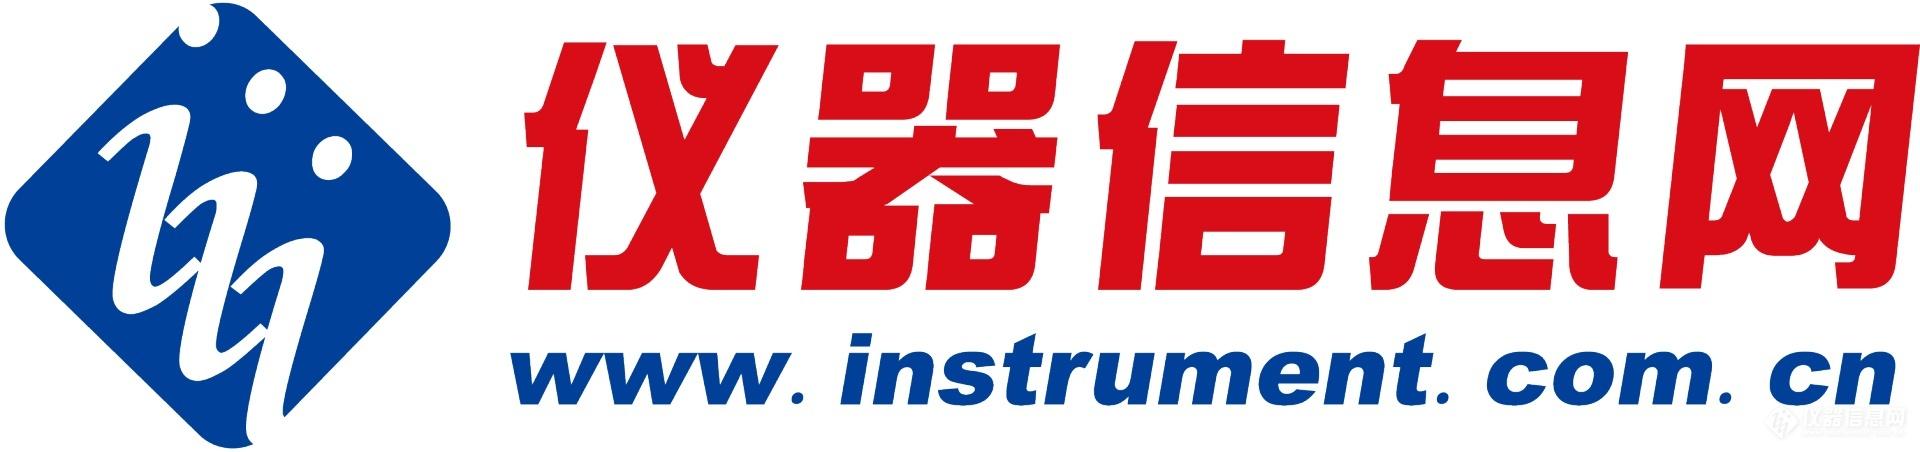 男人味原创六肖论坛网大logo(1).png